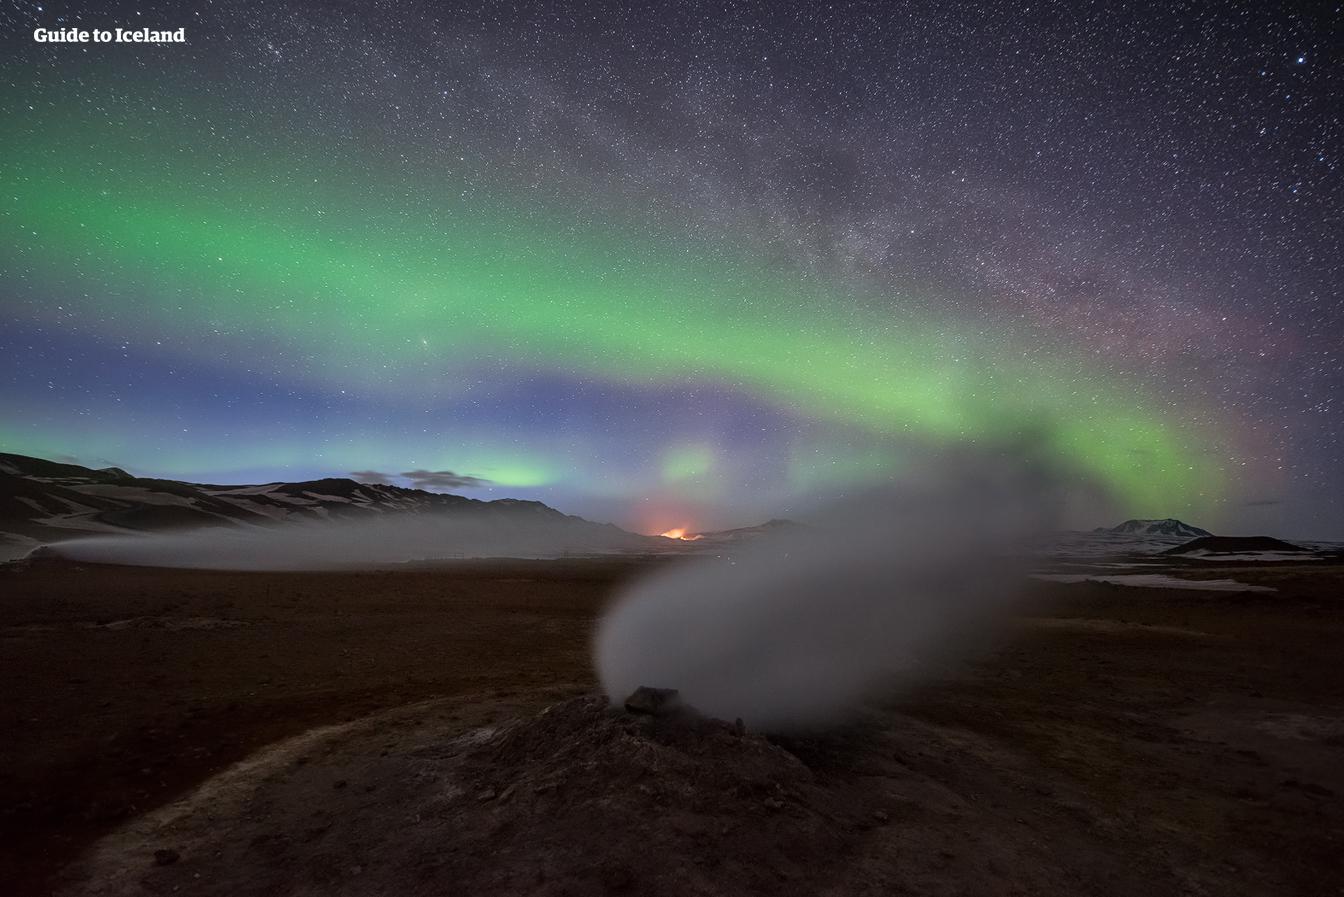 13-dniowa zimowa, samodzielna wycieczka po całej obwodnicy Islandii i półwyspie Snaefellsnes - day 4